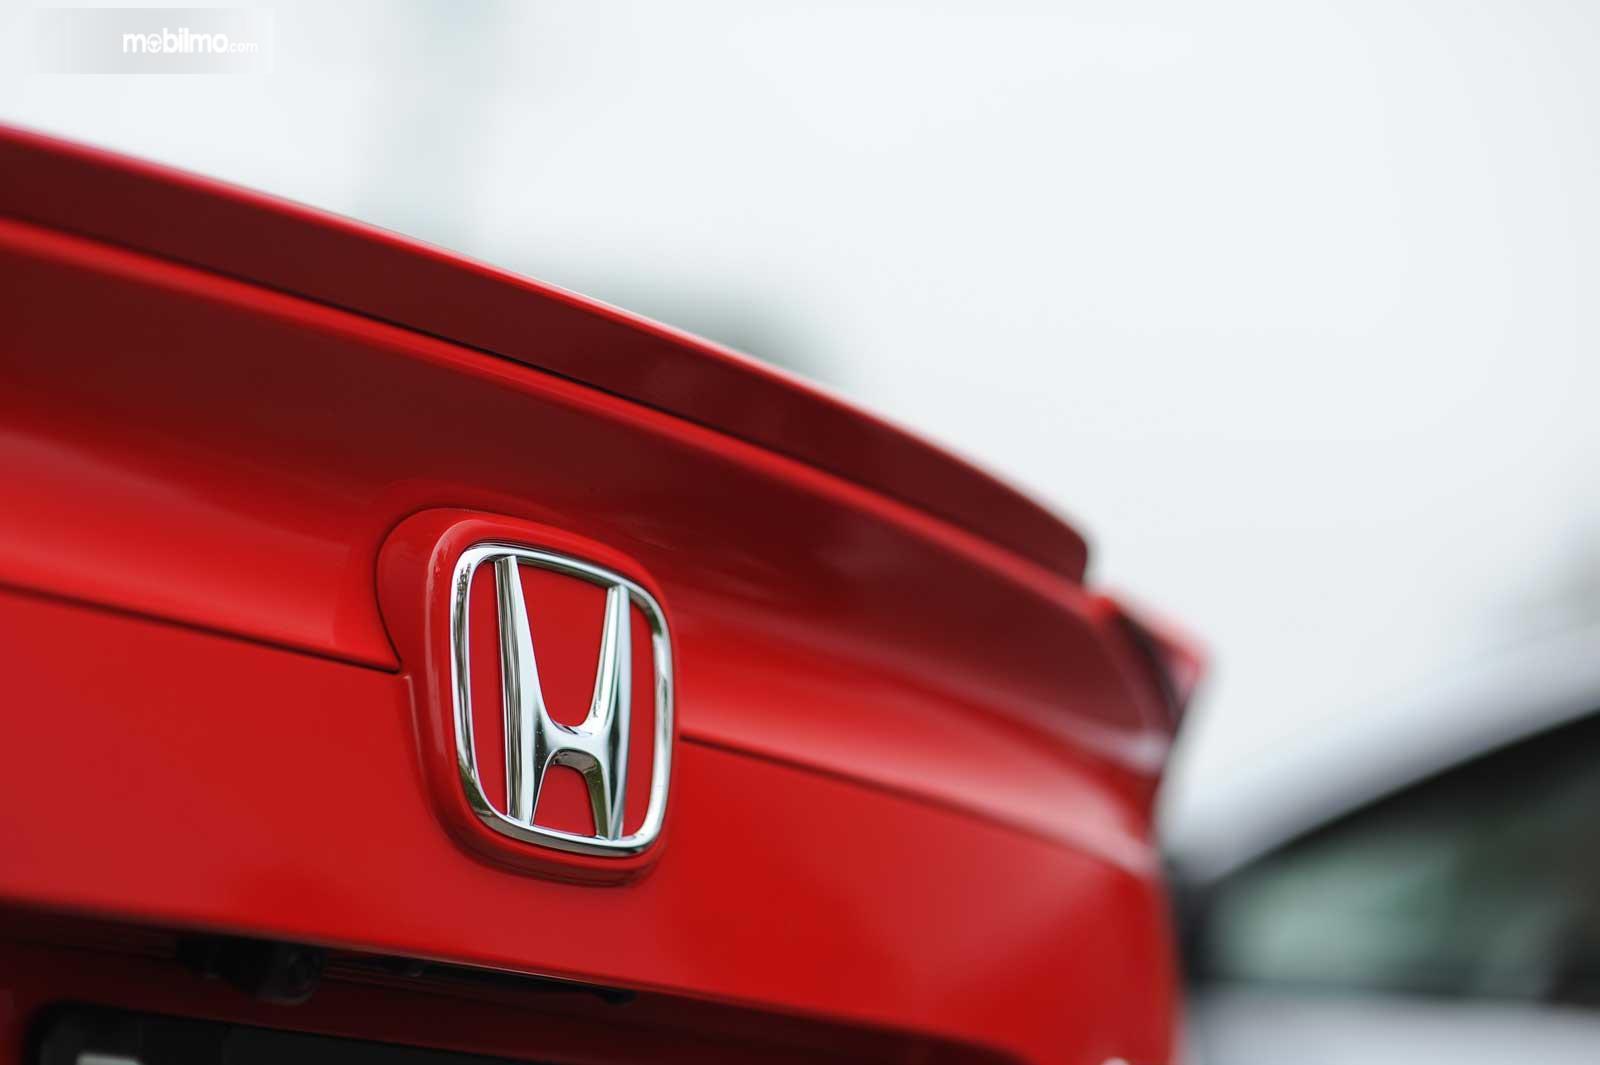 Gambar Logo Honda di bagian belakang mobil